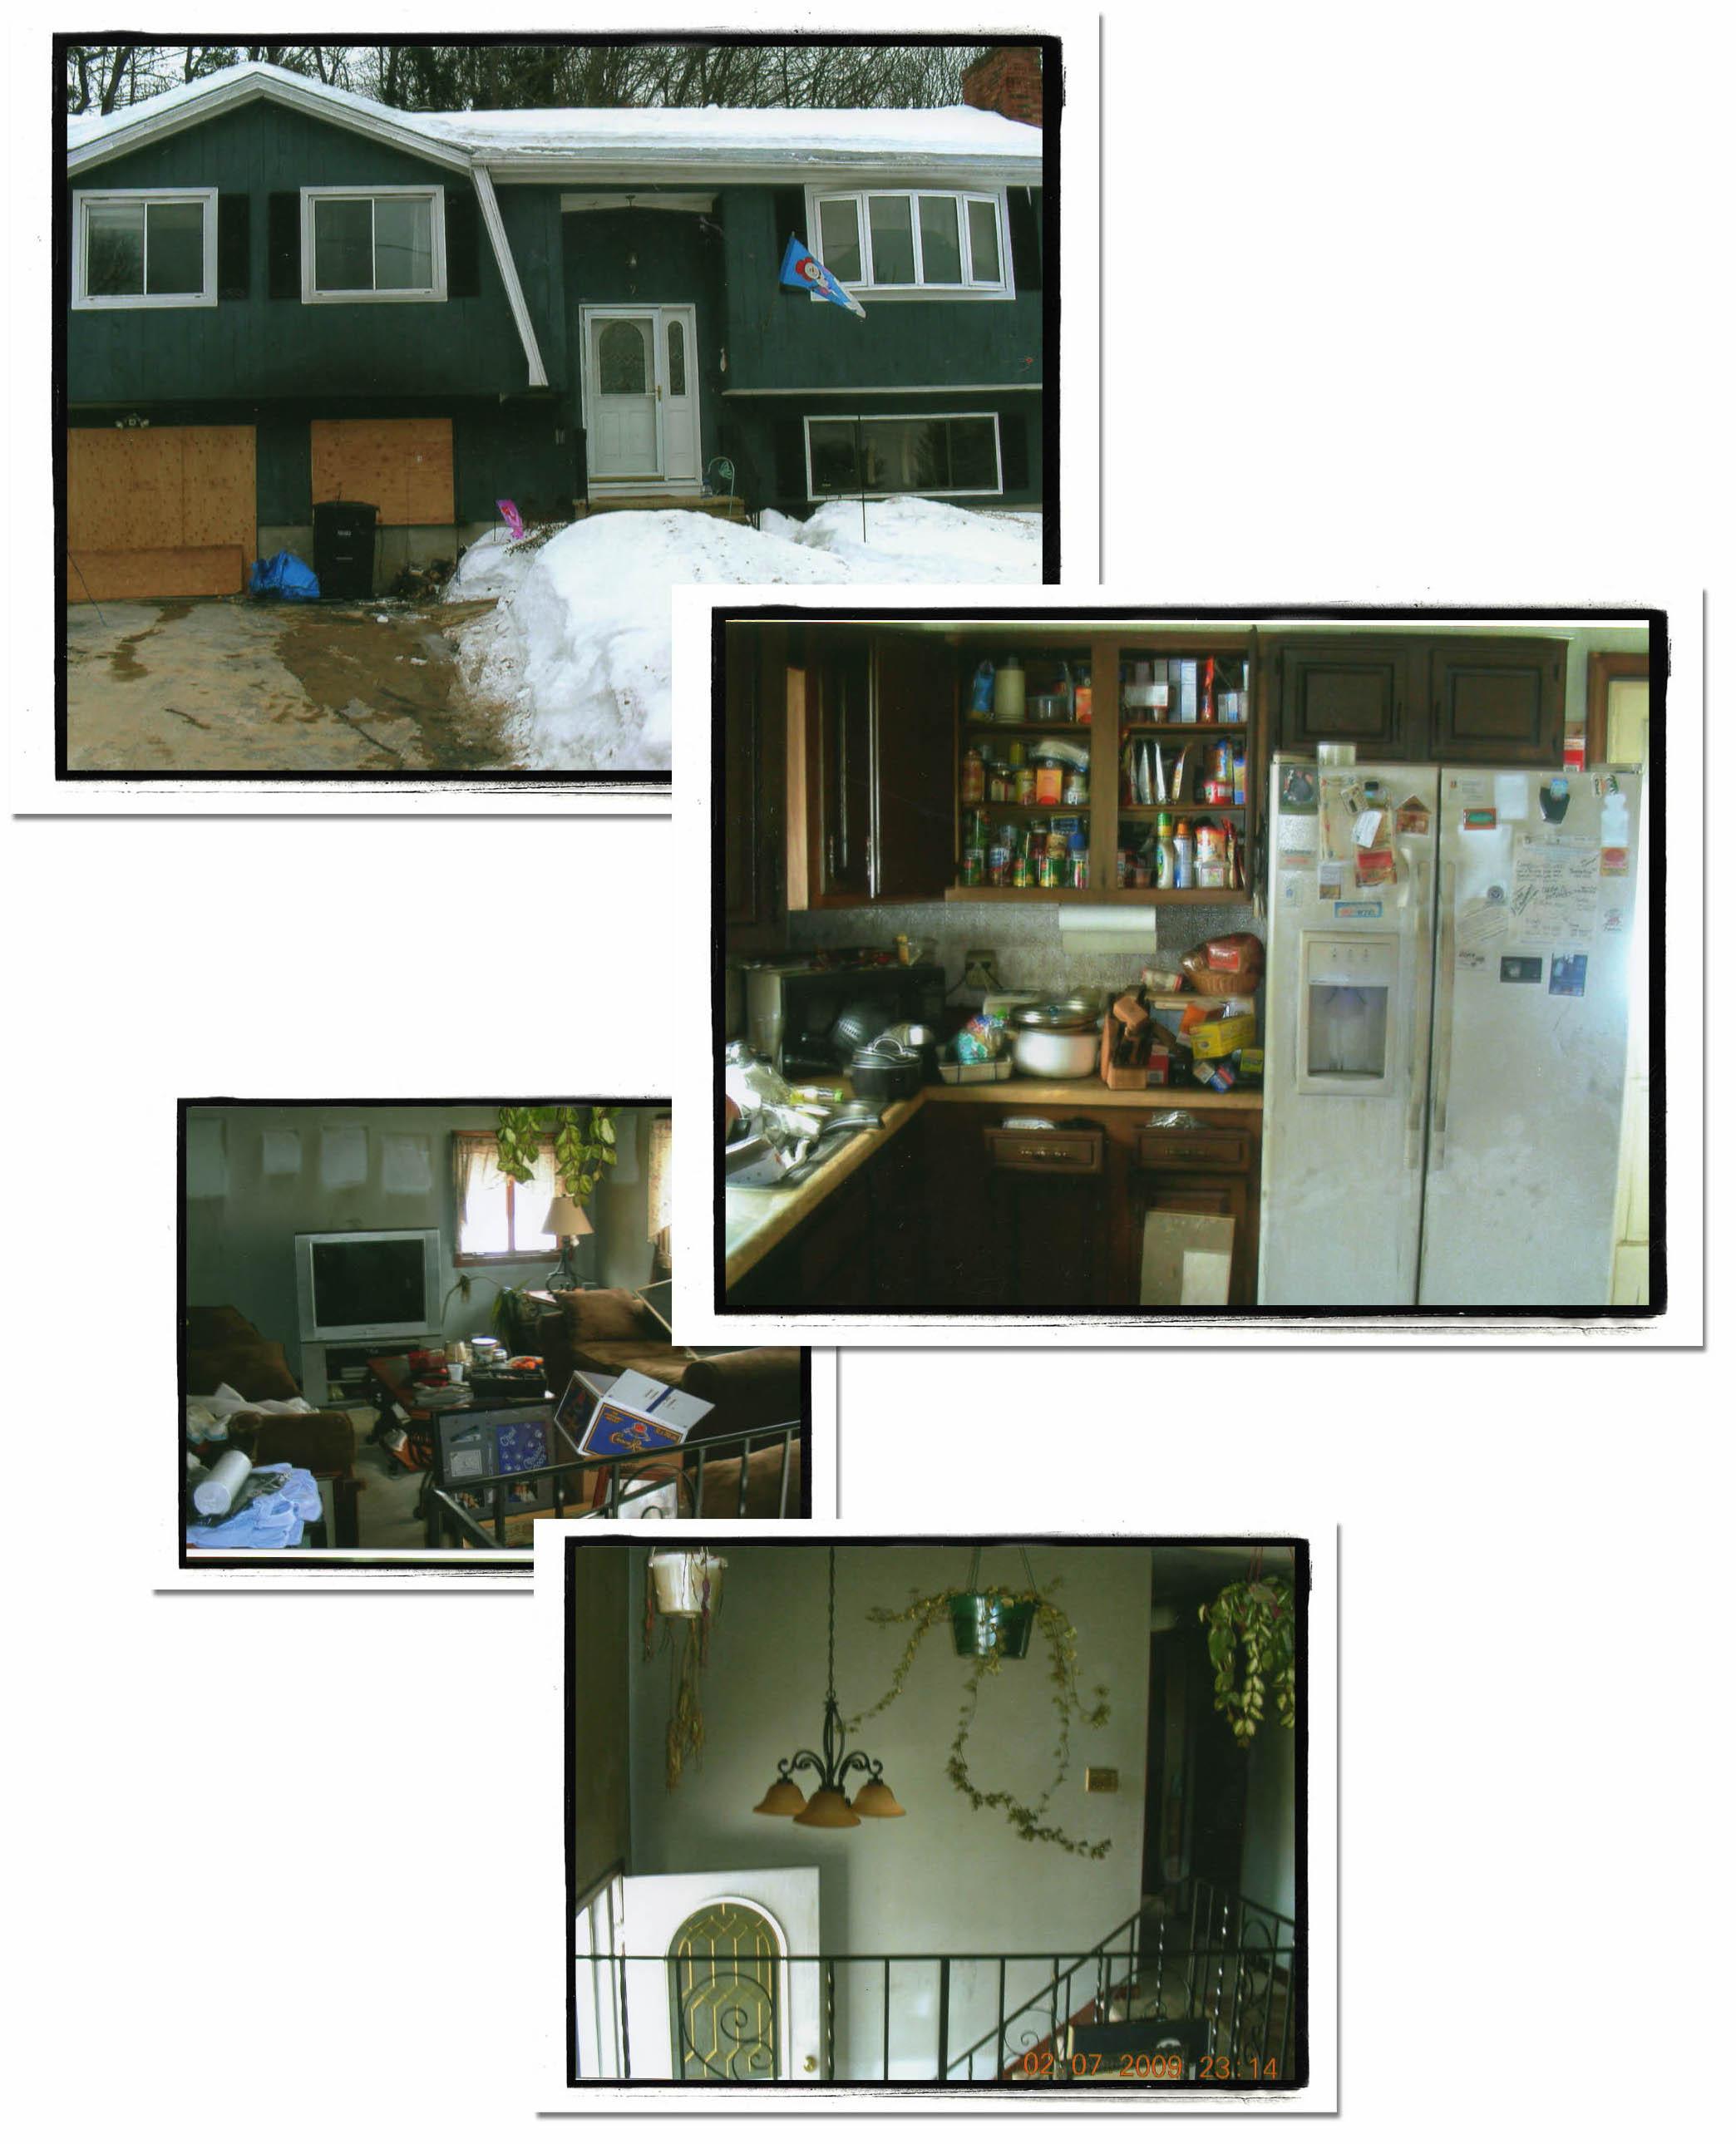 split_level_before_renovations.jpg